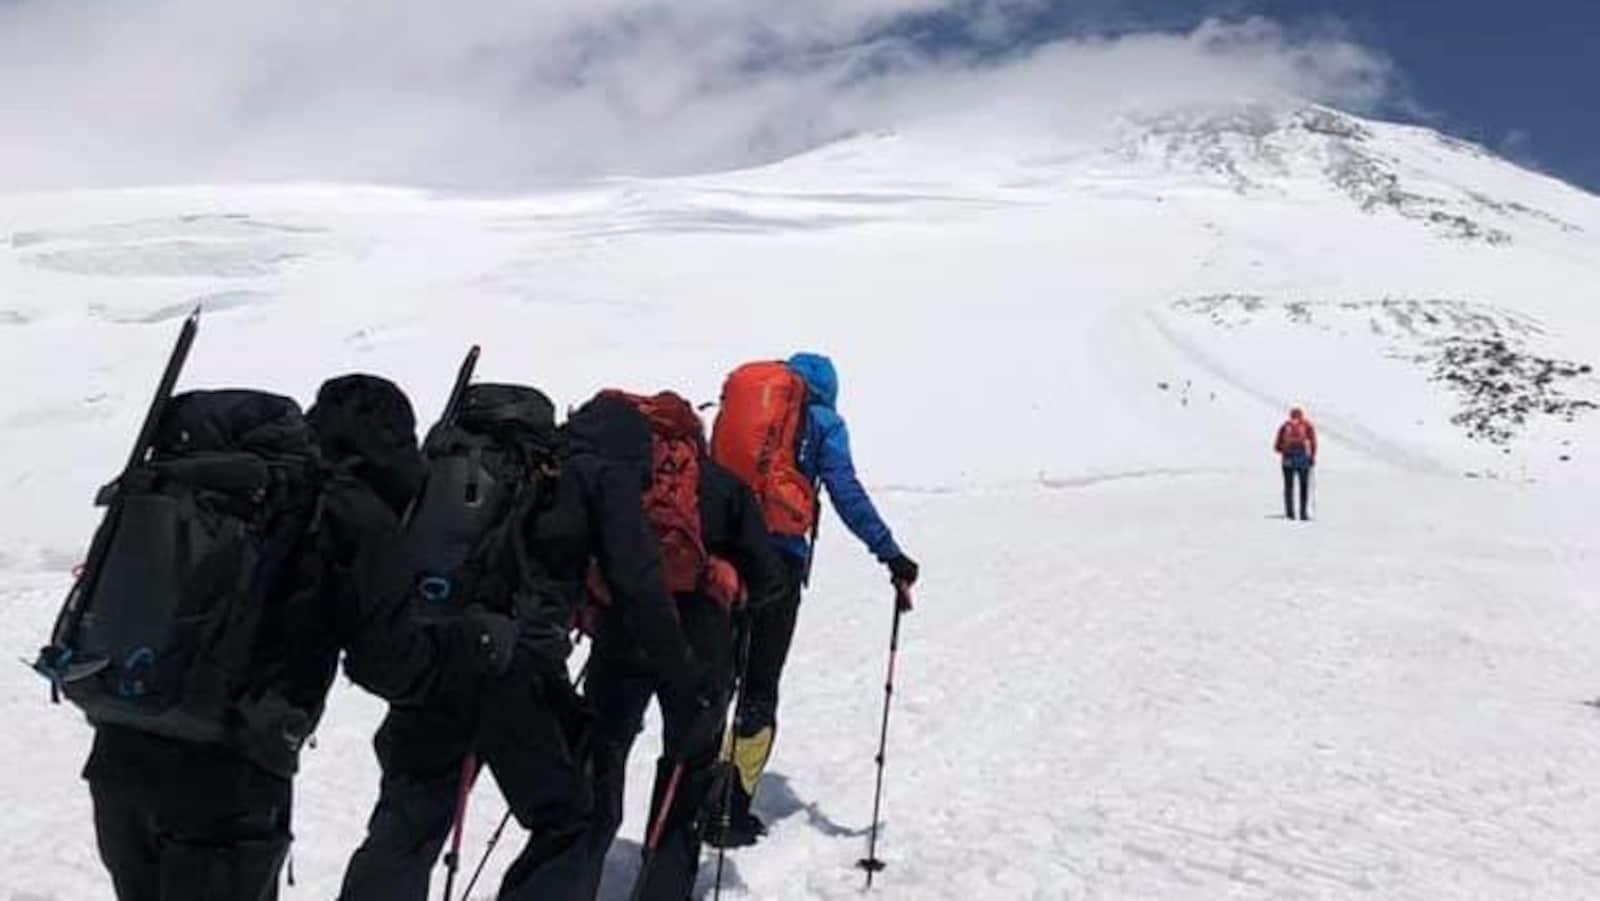 Des alpinistes grimpent vers le sommet enneigé d'une montagne.